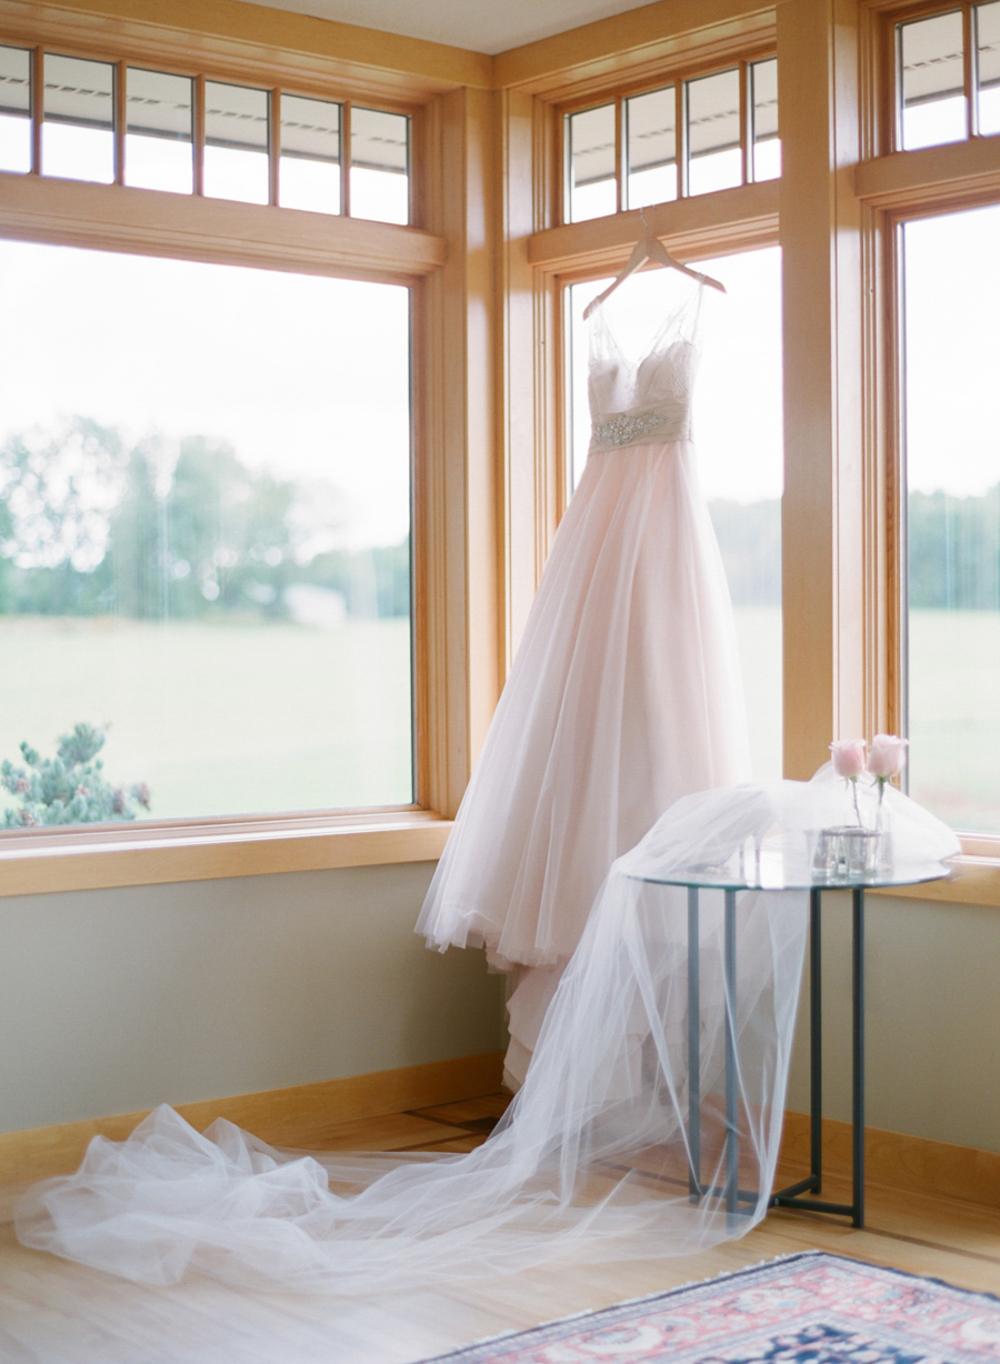 Troy_Burne_Golf_Club_Wedding_Photographer_2.jpg